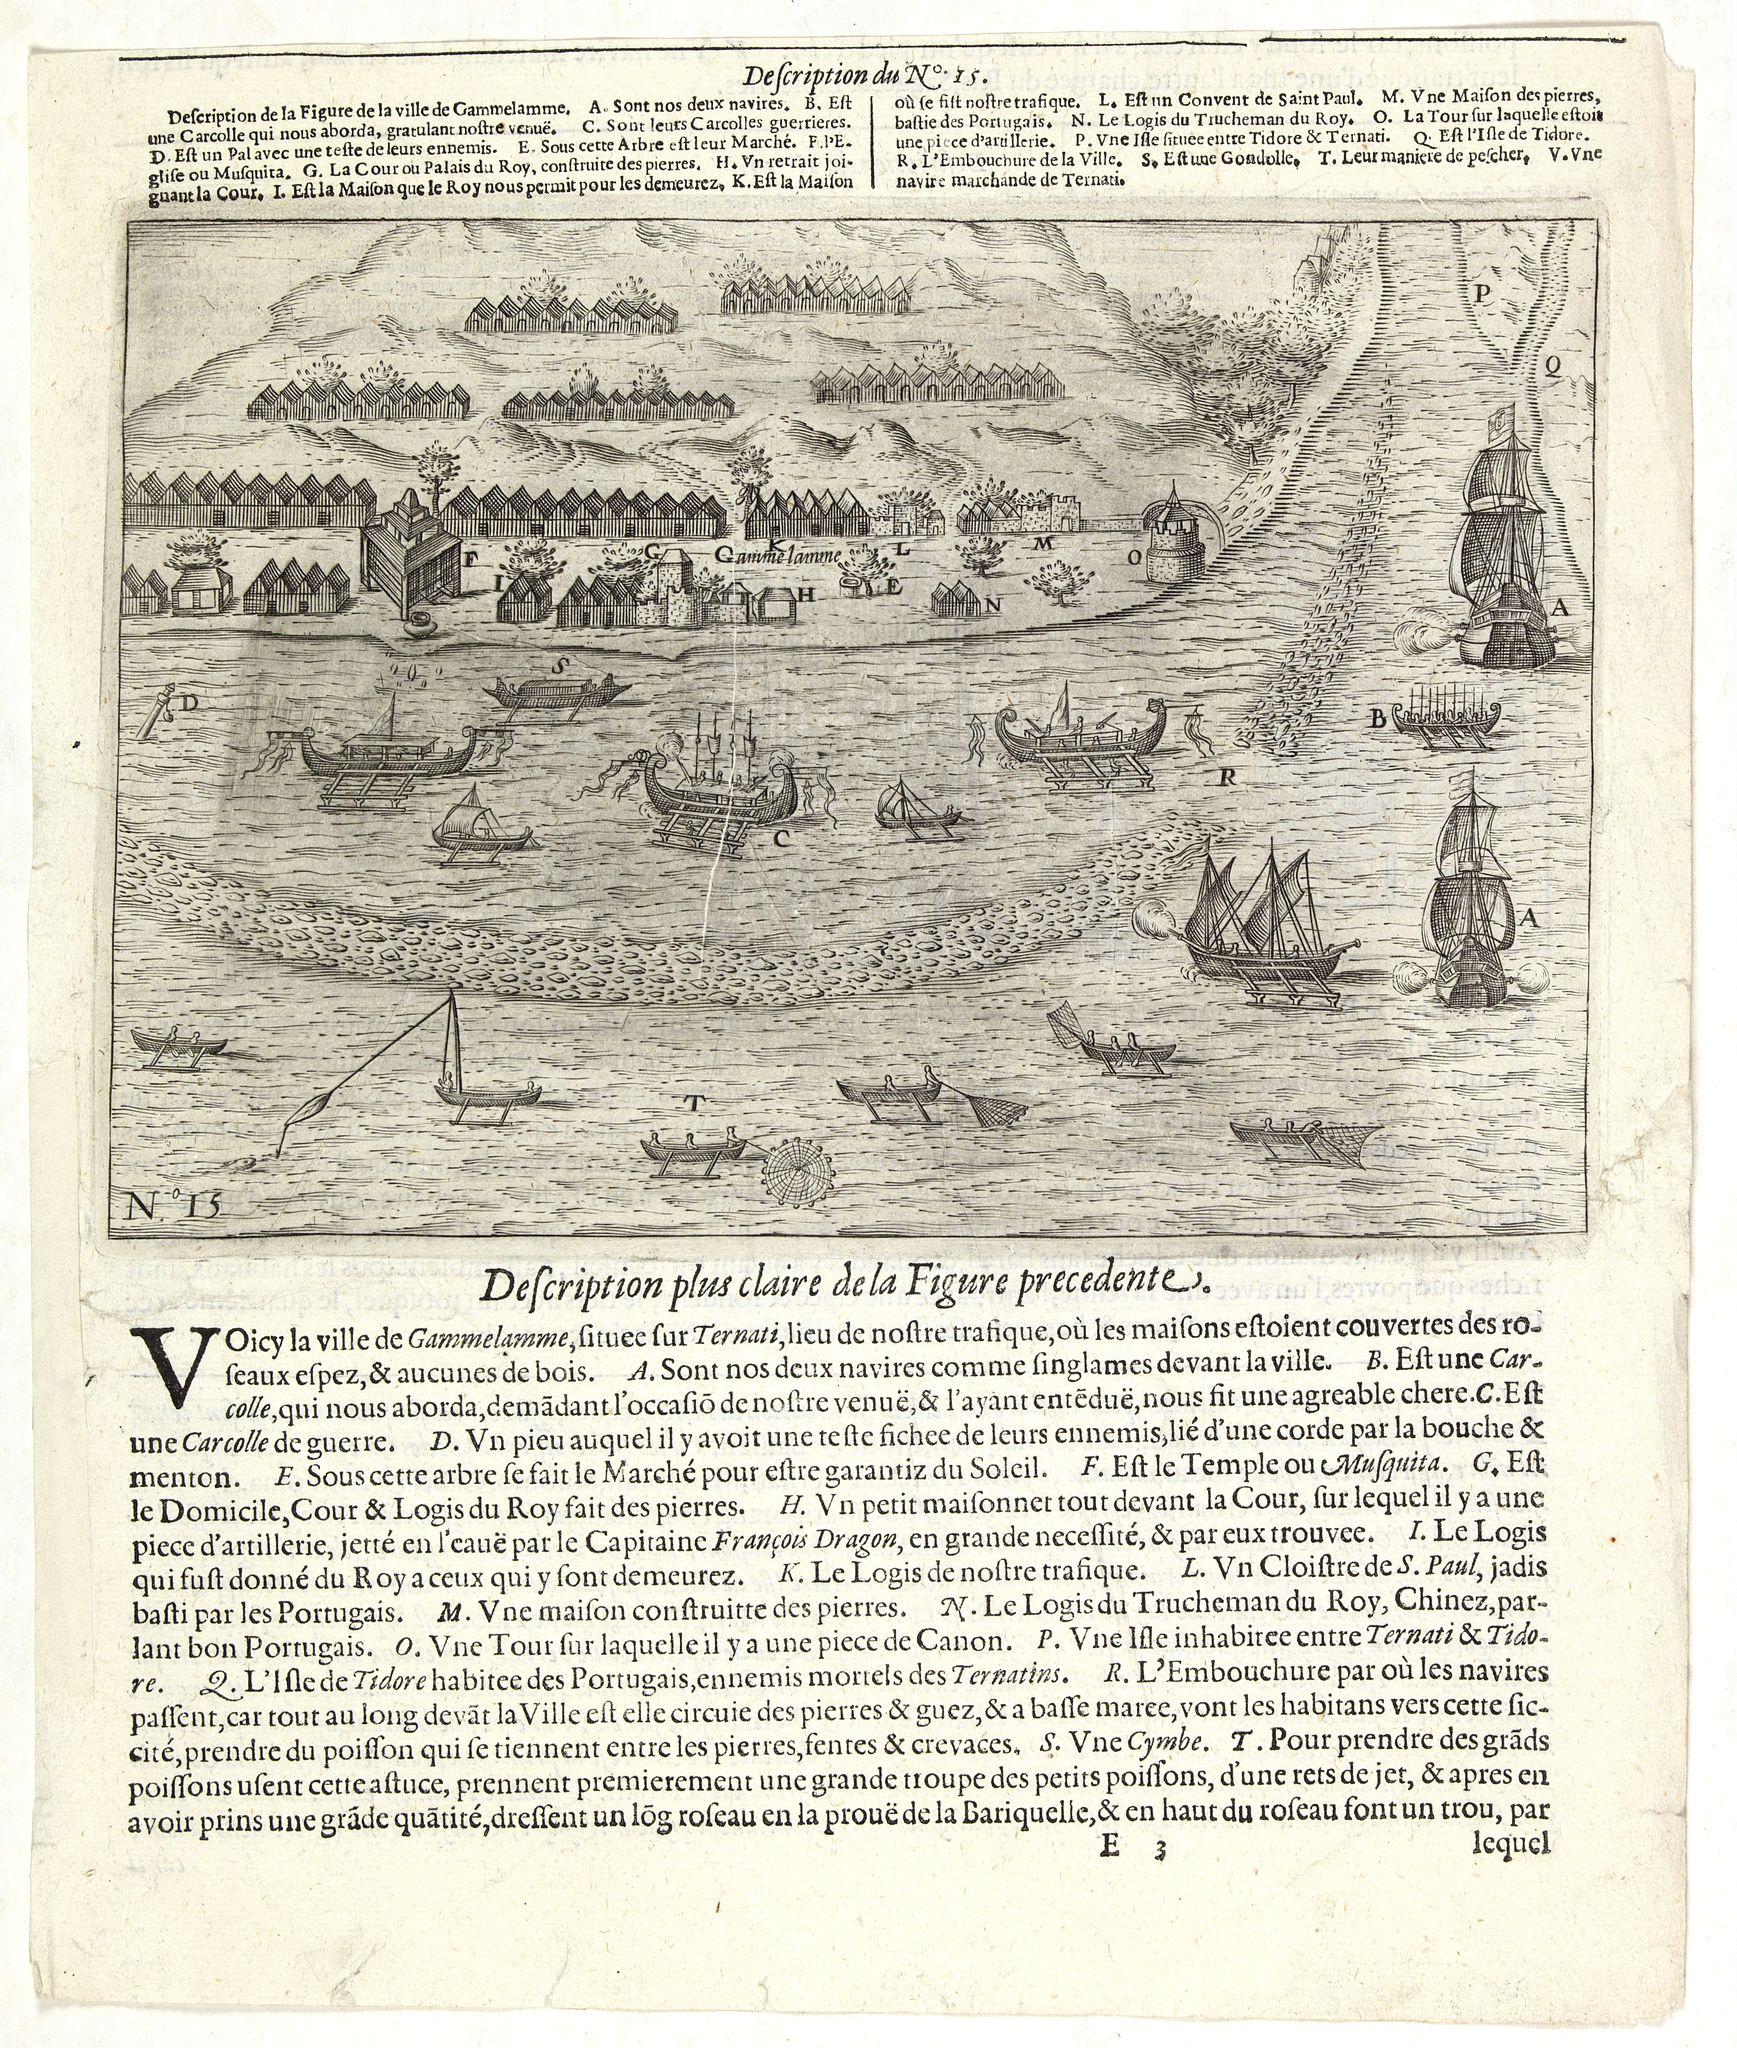 LODEWYCKSZ, Willem -  [Description de la Figure de la ville de Gammelamme - Description du N° 15]